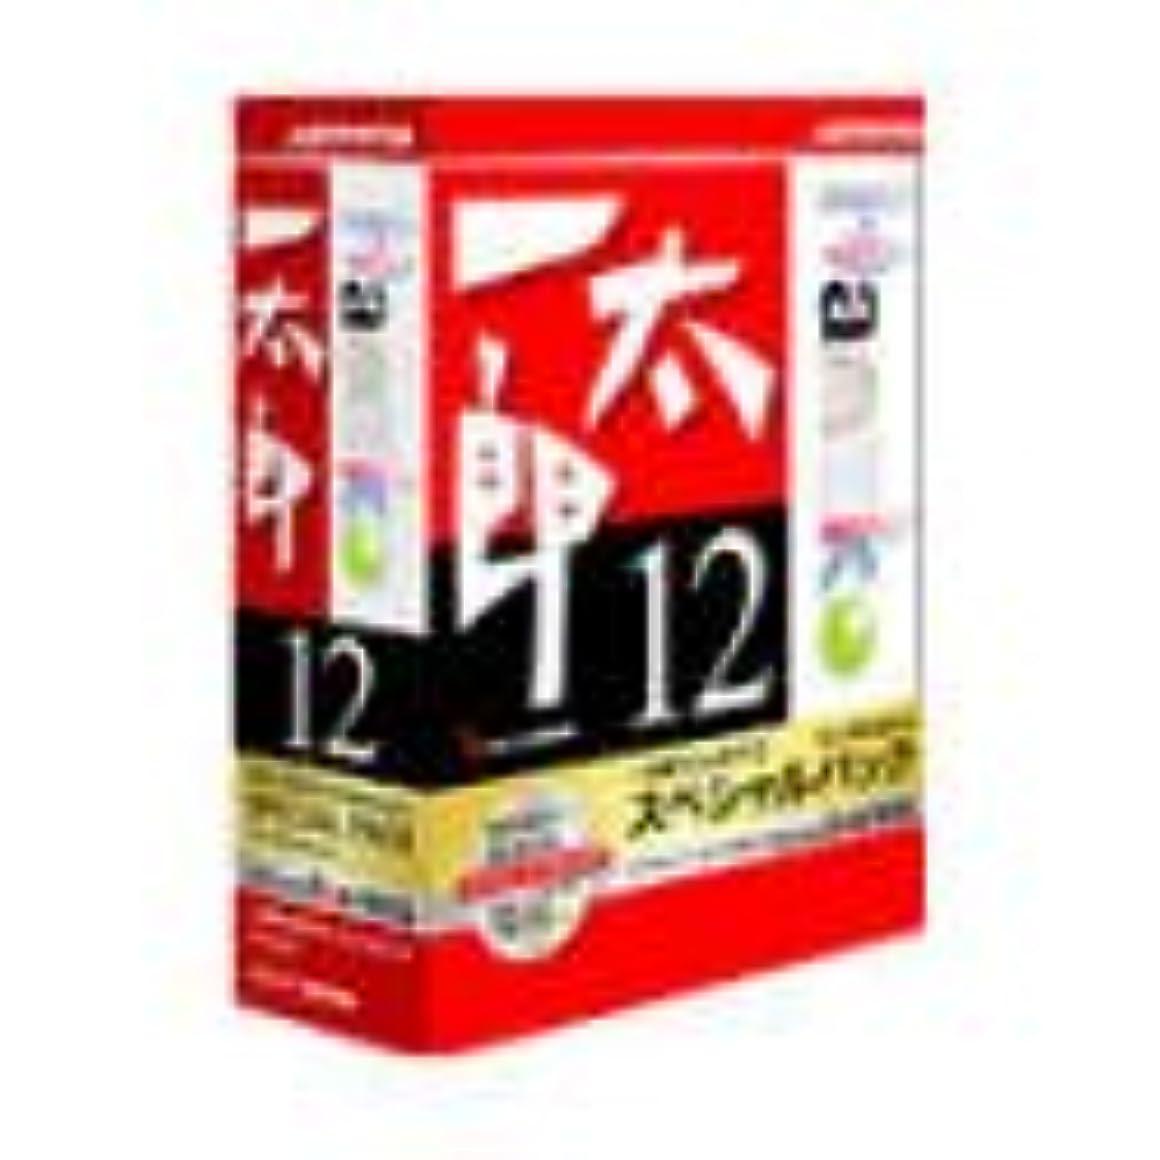 サンプルマート裂け目一太郎 12 & 花子 12 スペシャルパック